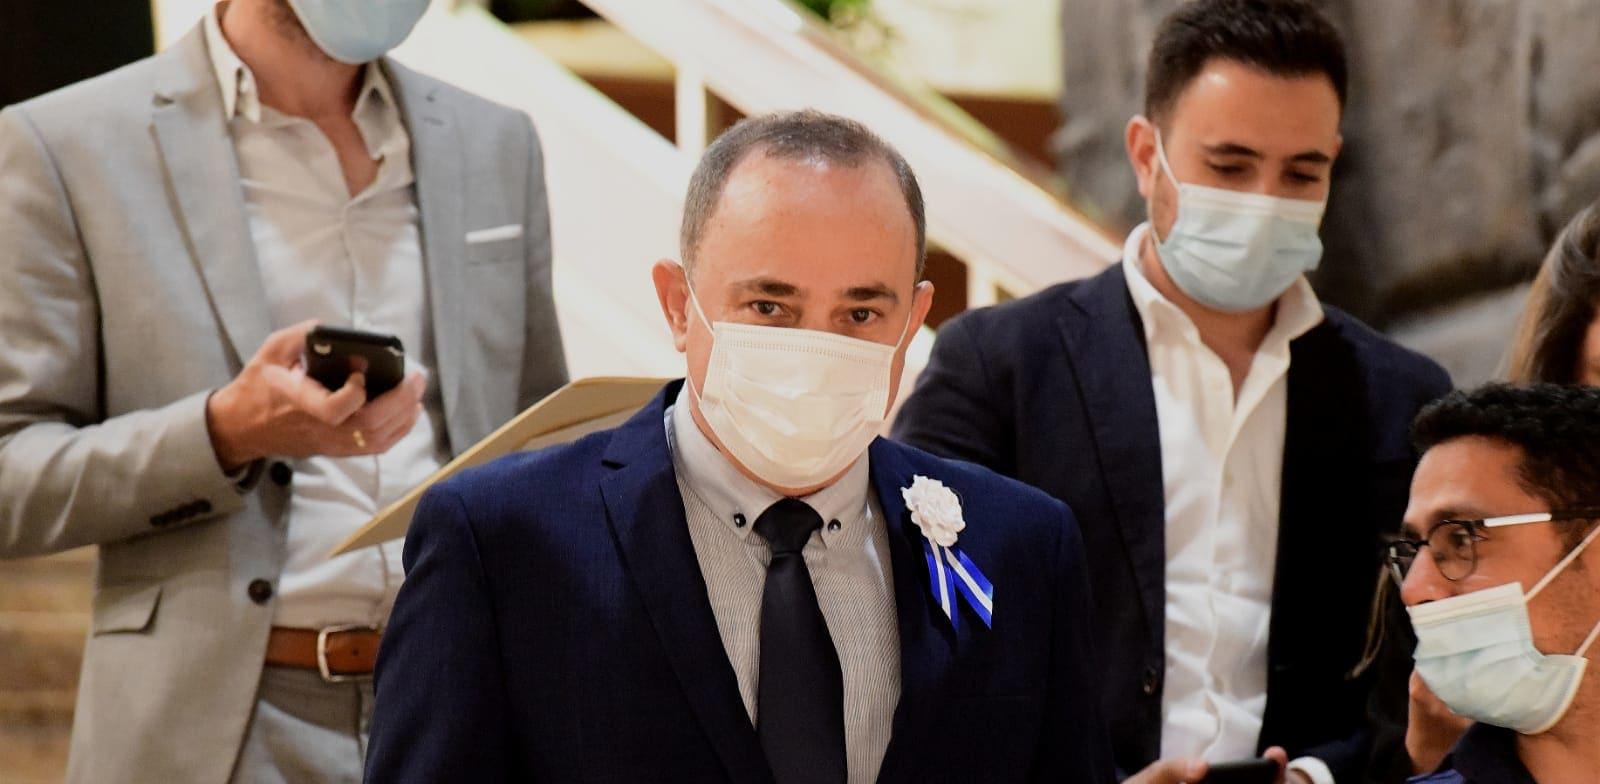 שר האנרגיה יובל שטייניץ / צילום: ראובן קסטרו